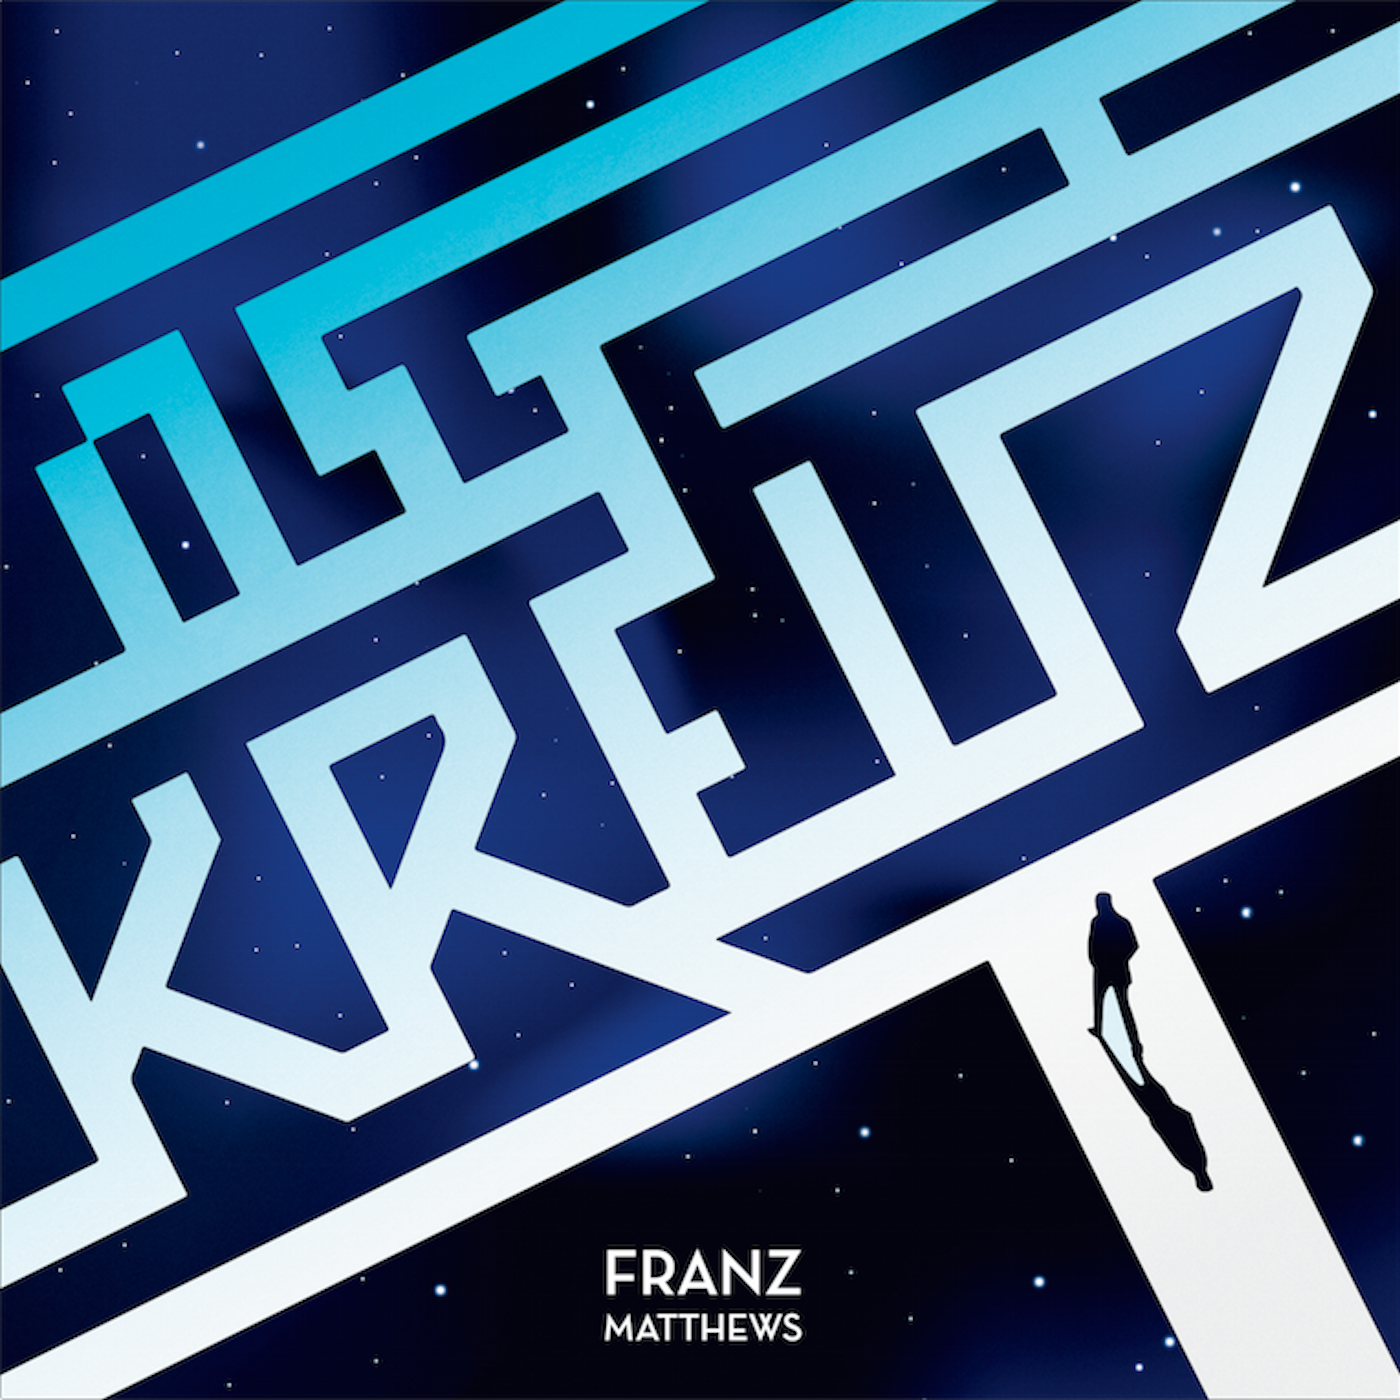 FRANZ MATTHEWS Ostkreuz EP